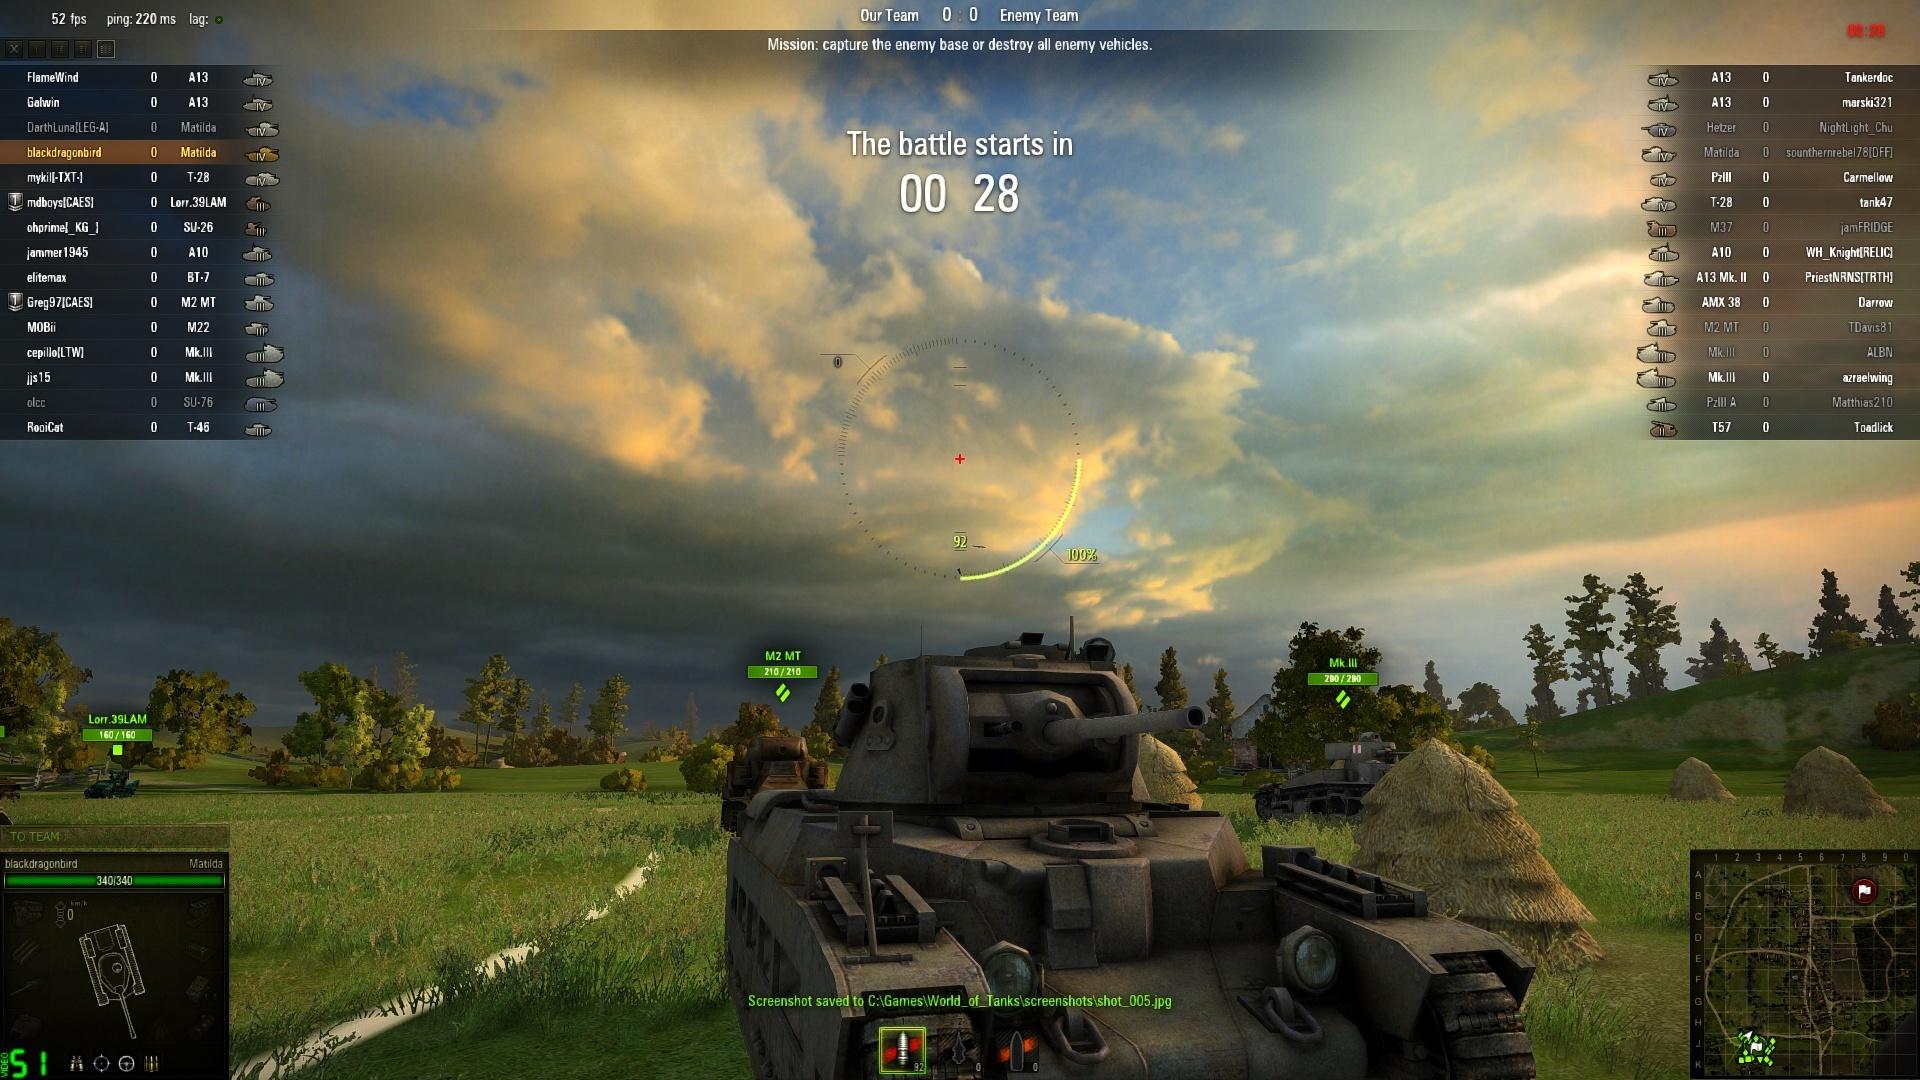 Как сделать снимок экрана world of tanks